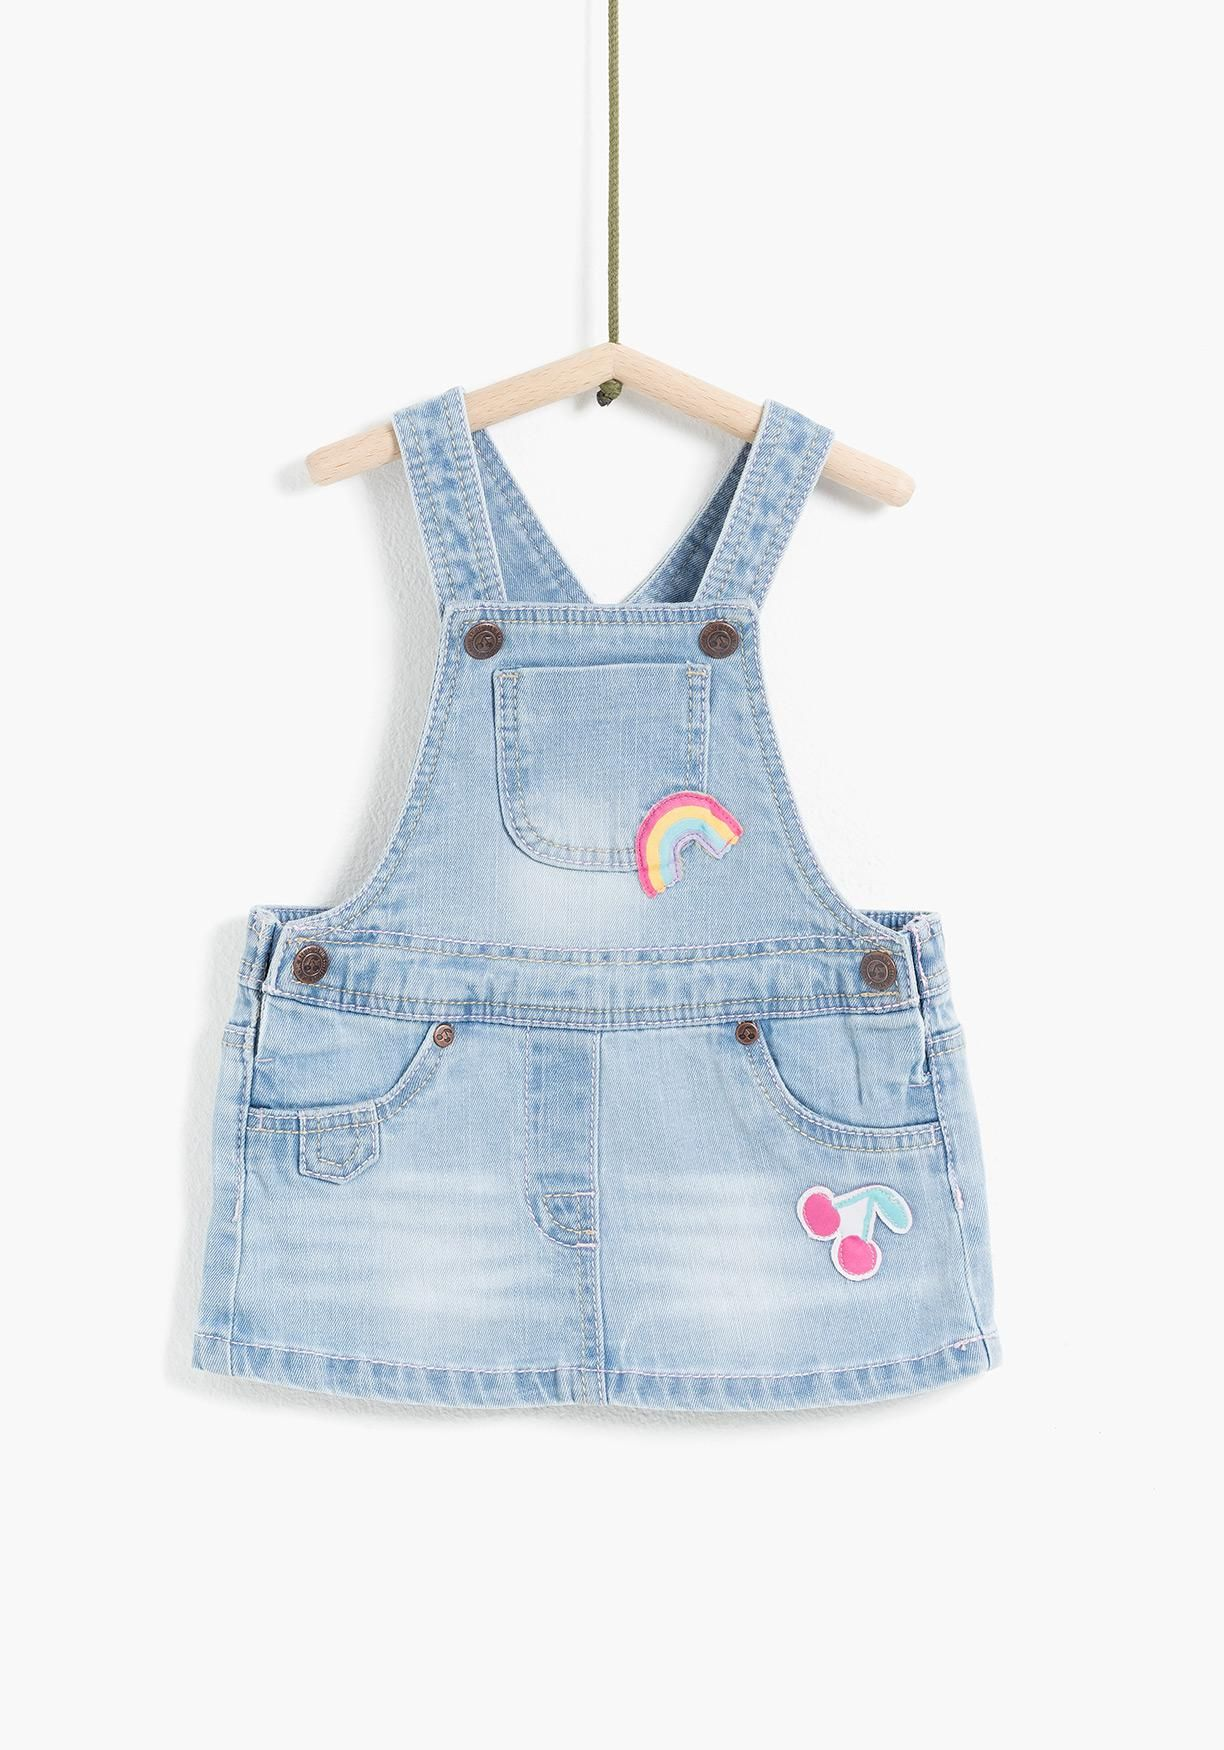 mejores ofertas en nuevas imágenes de venta de tienda outlet Ofertas en Moda - Tu tienda de ropa online en Carrefour TEX ...